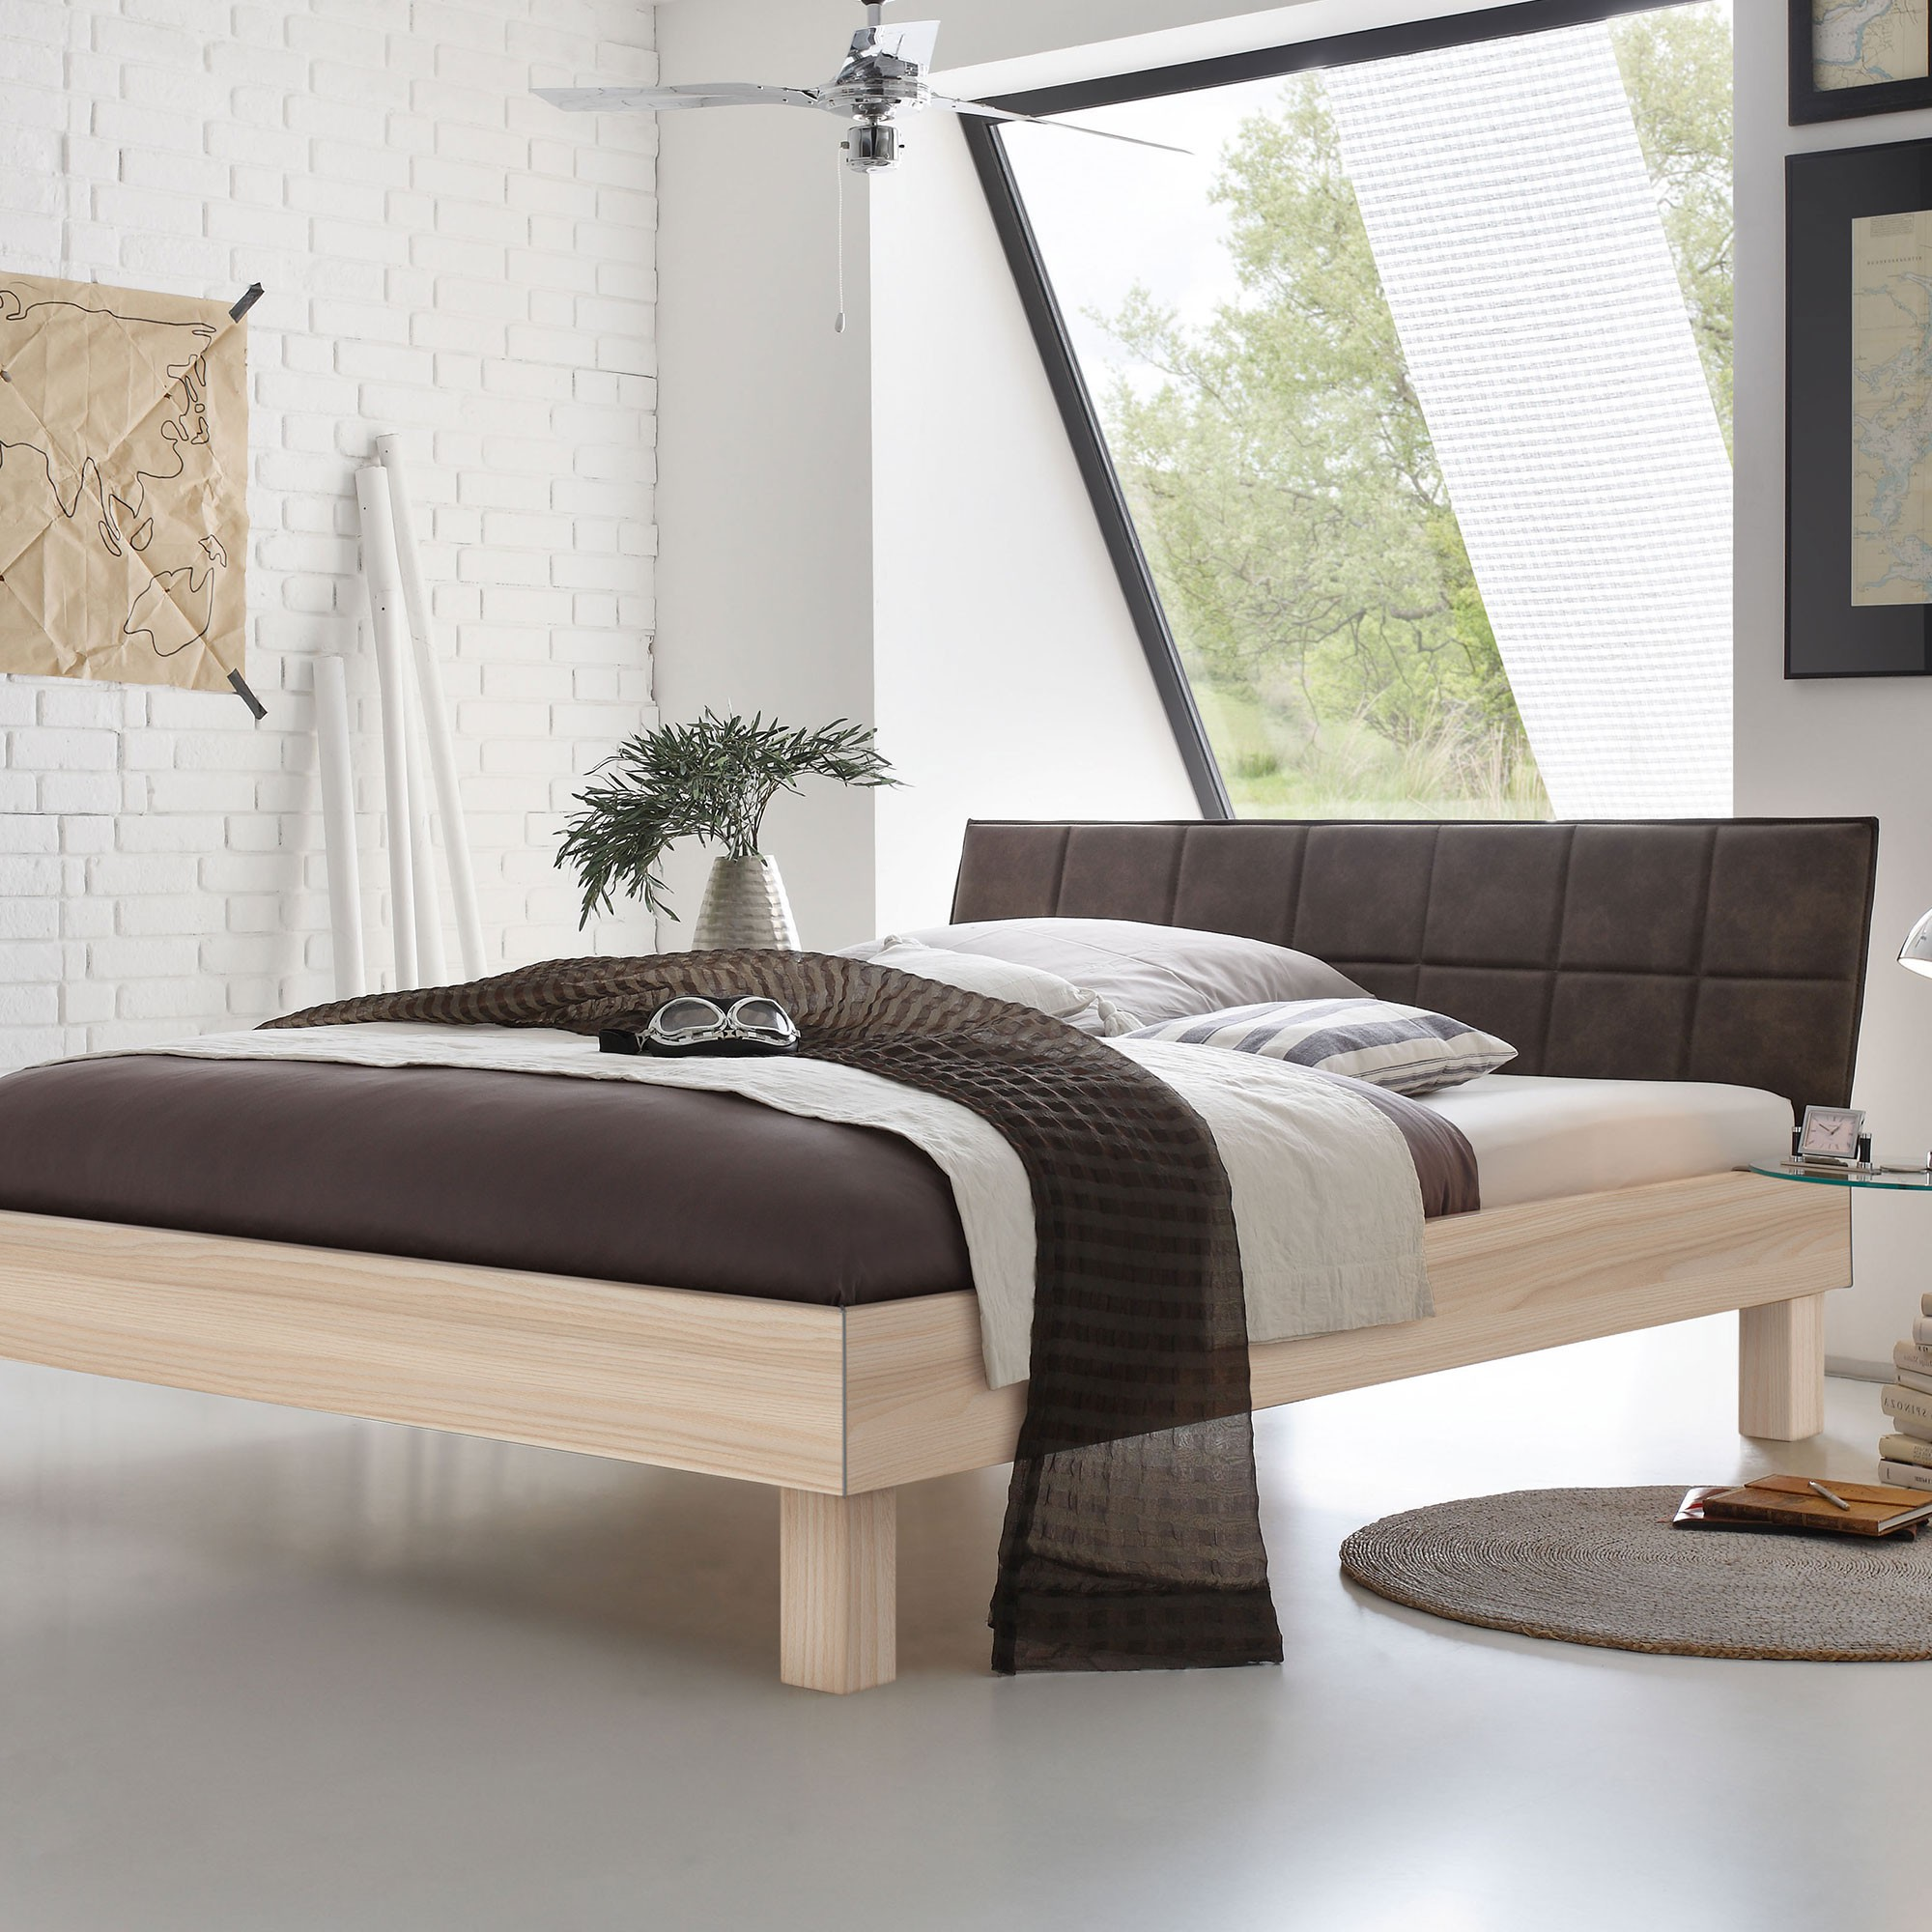 Full Size of Hasena Top Line Bett Advance 18 Cantu Malta Online Kaufen Belama Betten Ikea 160x200 200x220 Mit Schubladen 90x200 Weiß Alte Fenster Gebrauchte Joop Bett Bett Günstig Kaufen